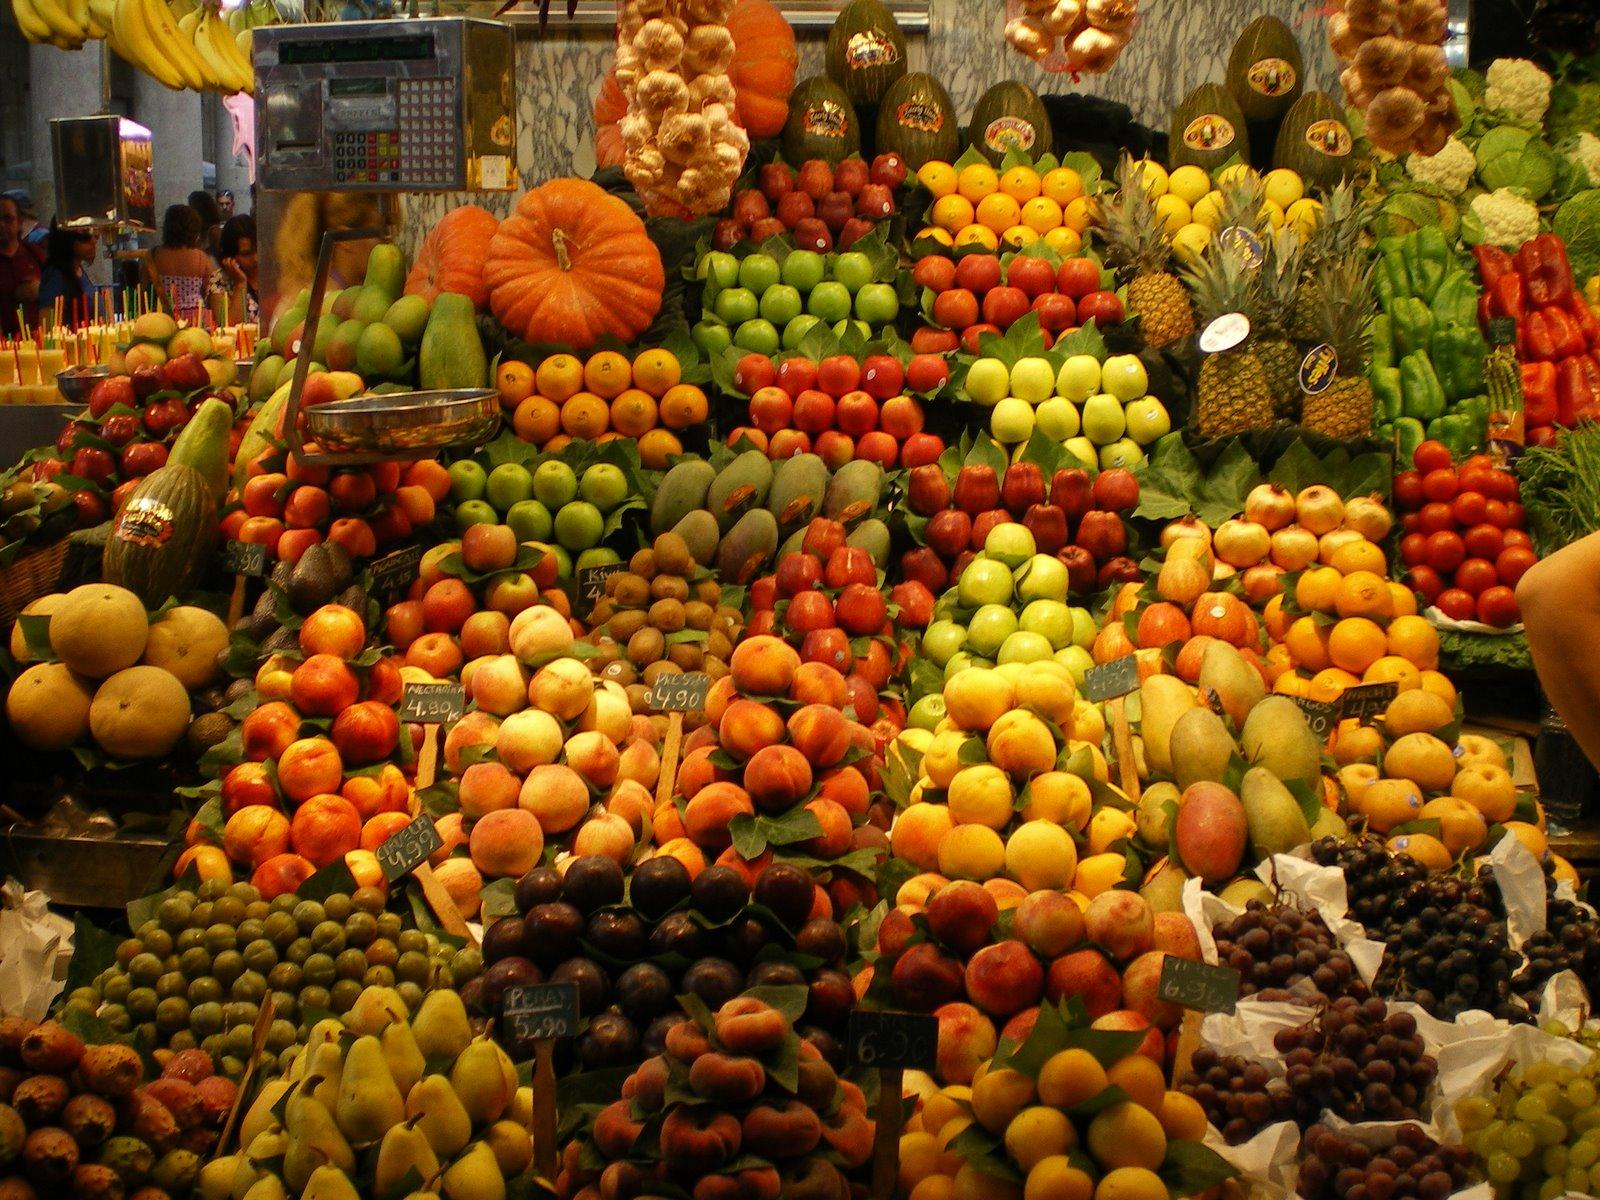 Allerta cibo prodotti pericolosi ritirati dal mercato - Immagine di frutta e verdura ...